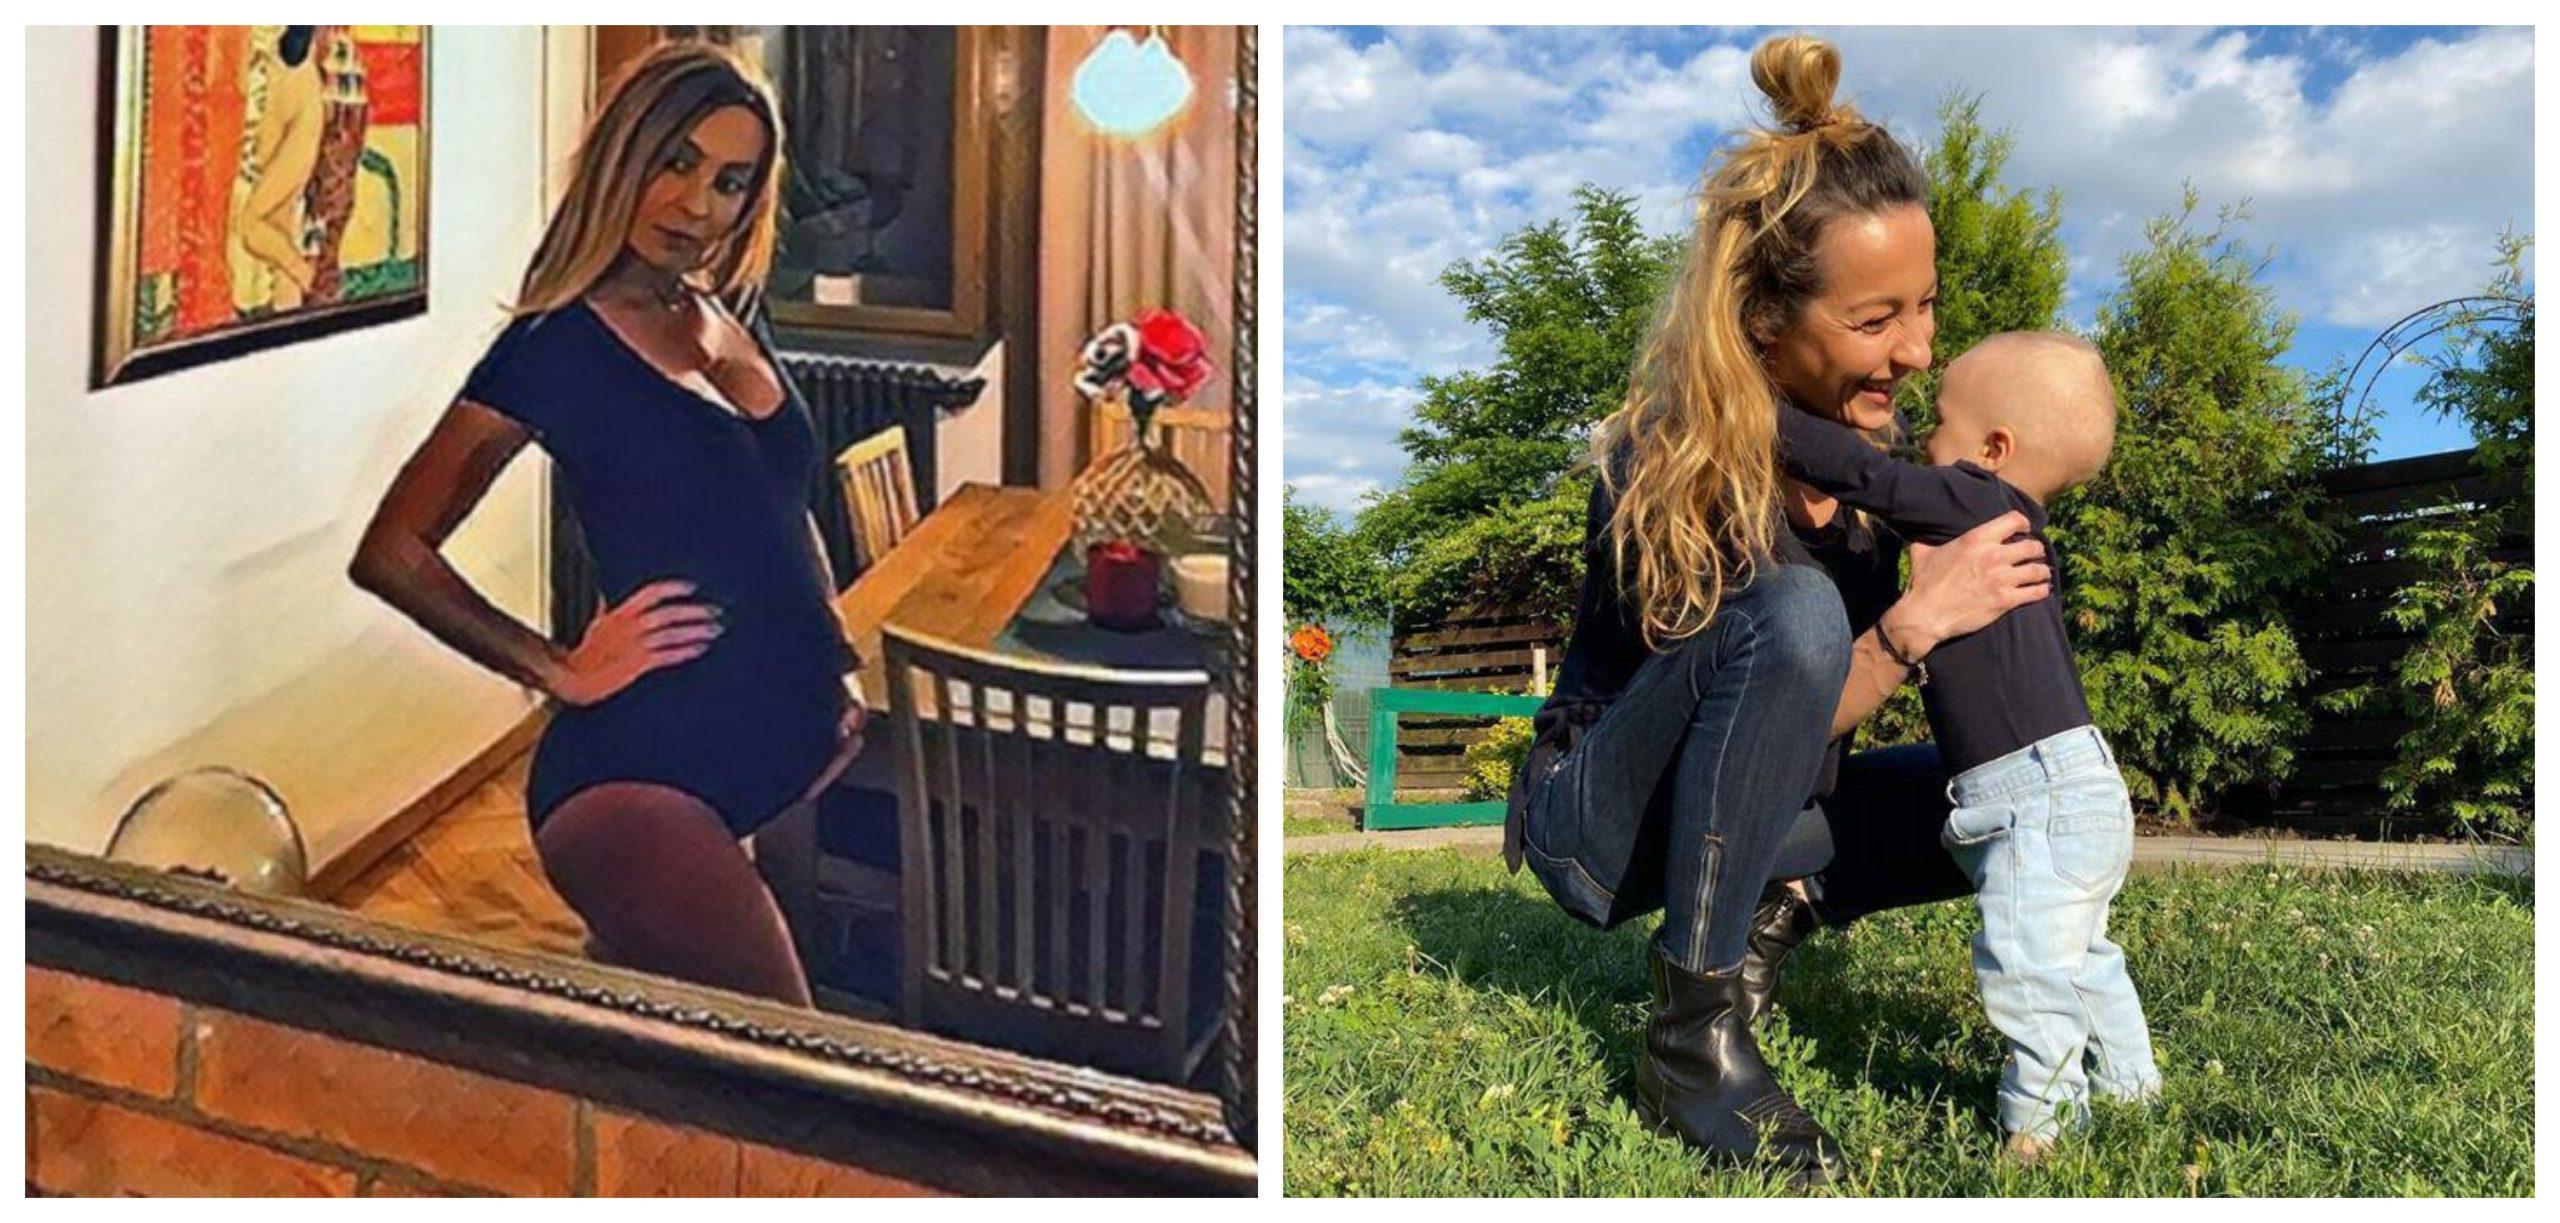 Bucurie mare pentru Flavia Mihășan! Fosta asistentă de la Neatza, din nou însărcinată!